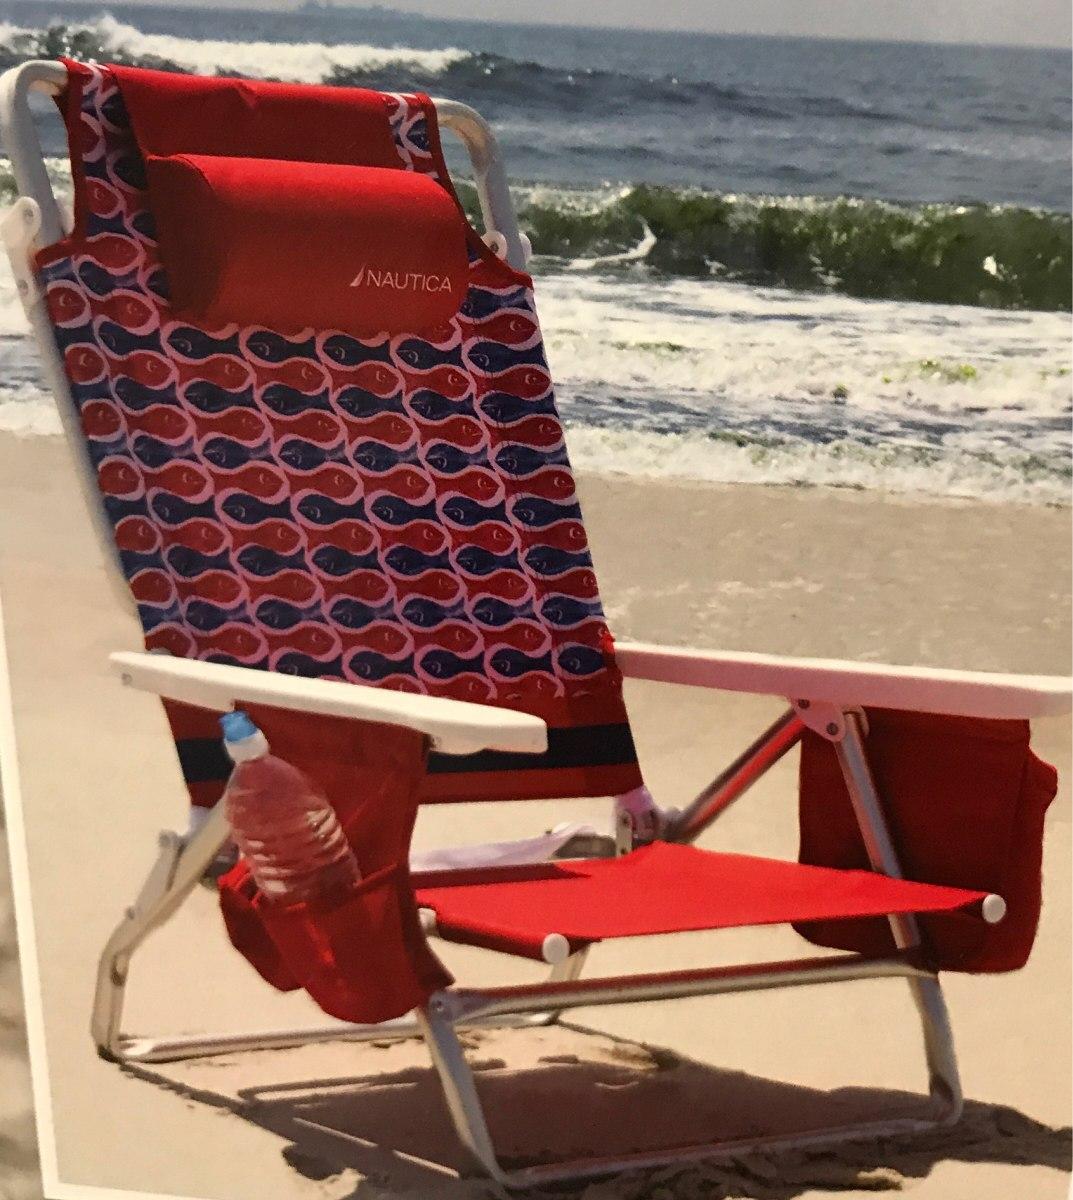 Silla playa aluminio nautica env o gratis 1 en - Silla playa aluminio ...